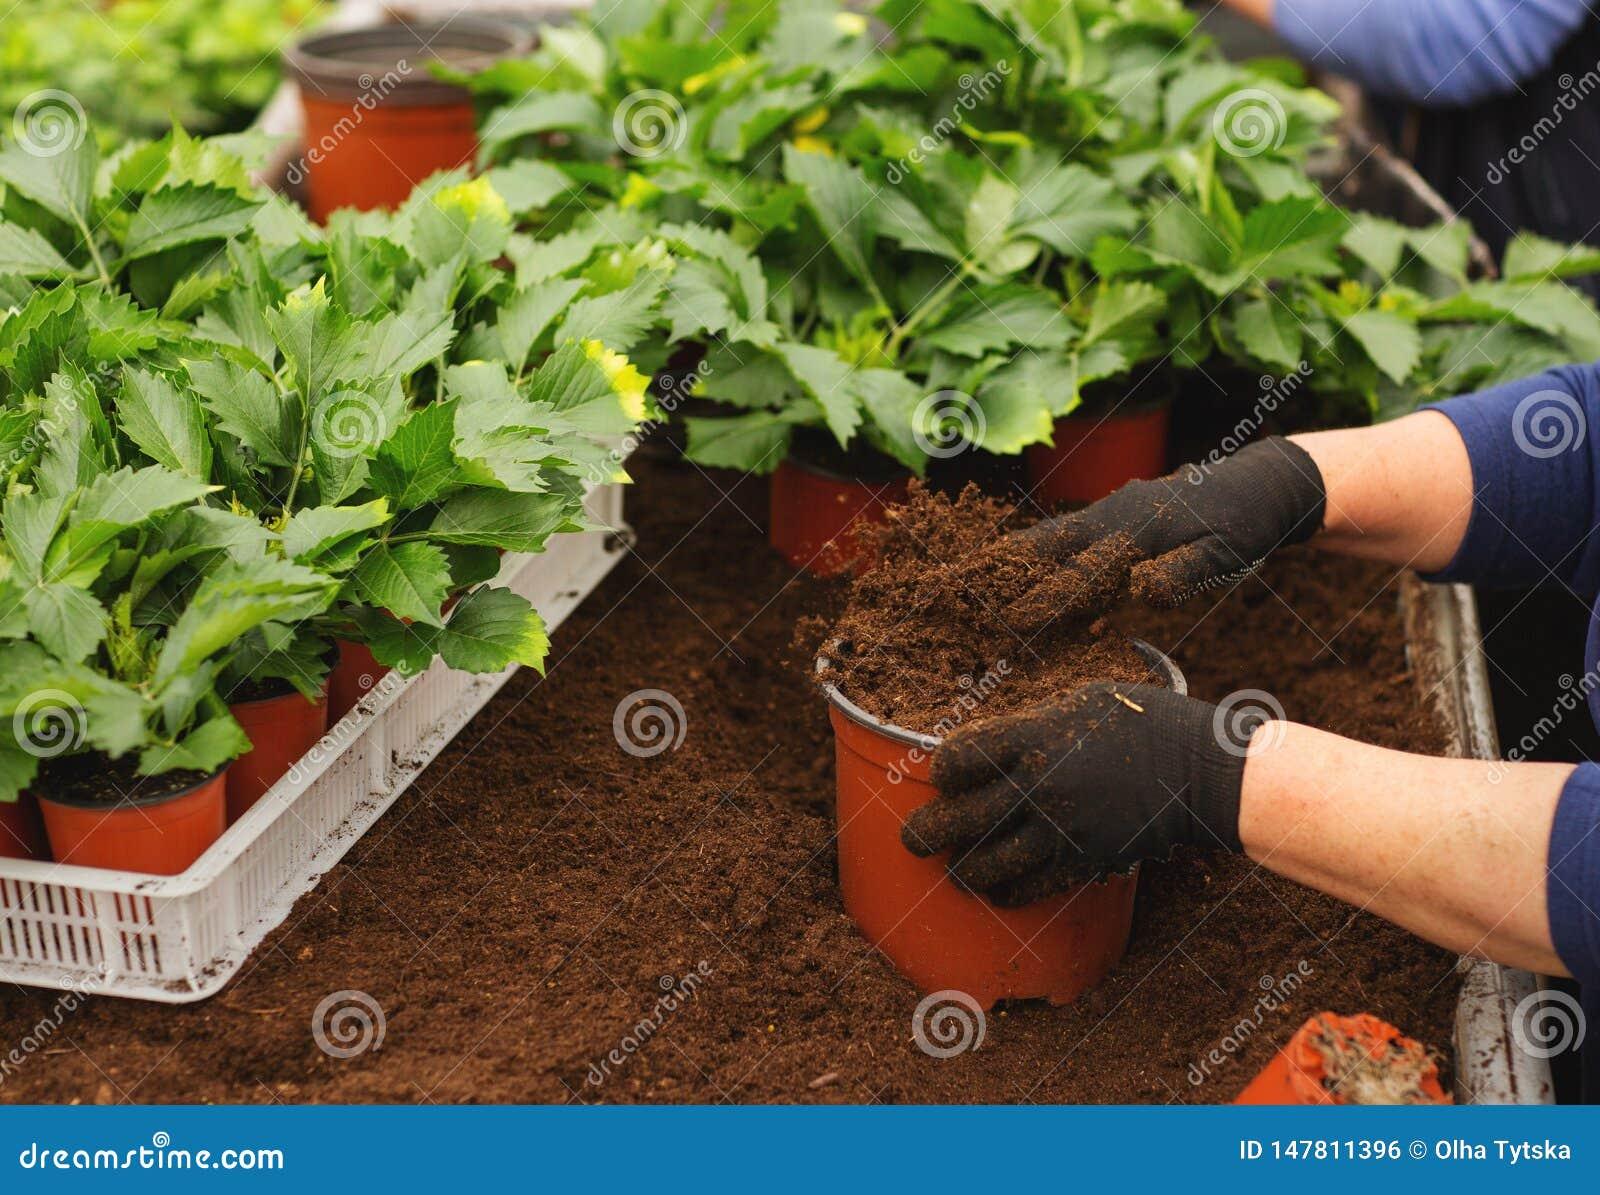 Закройте вверх женских рук с перчатками держа цветочный горшок с саженцем в парнике